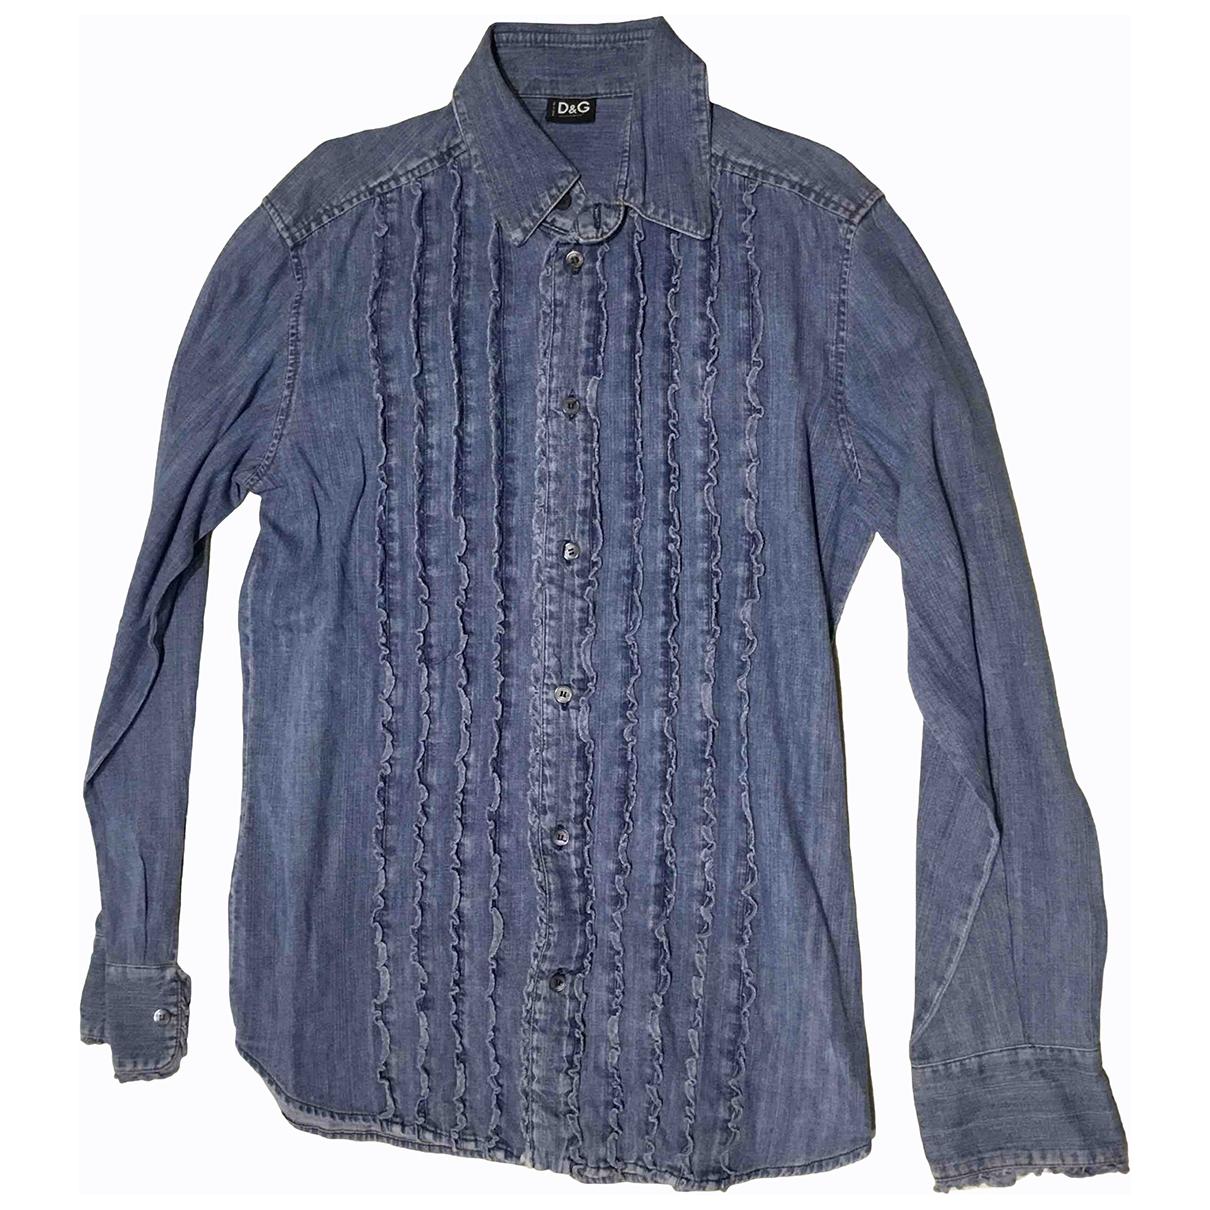 D&g - Chemises   pour homme en denim - bleu